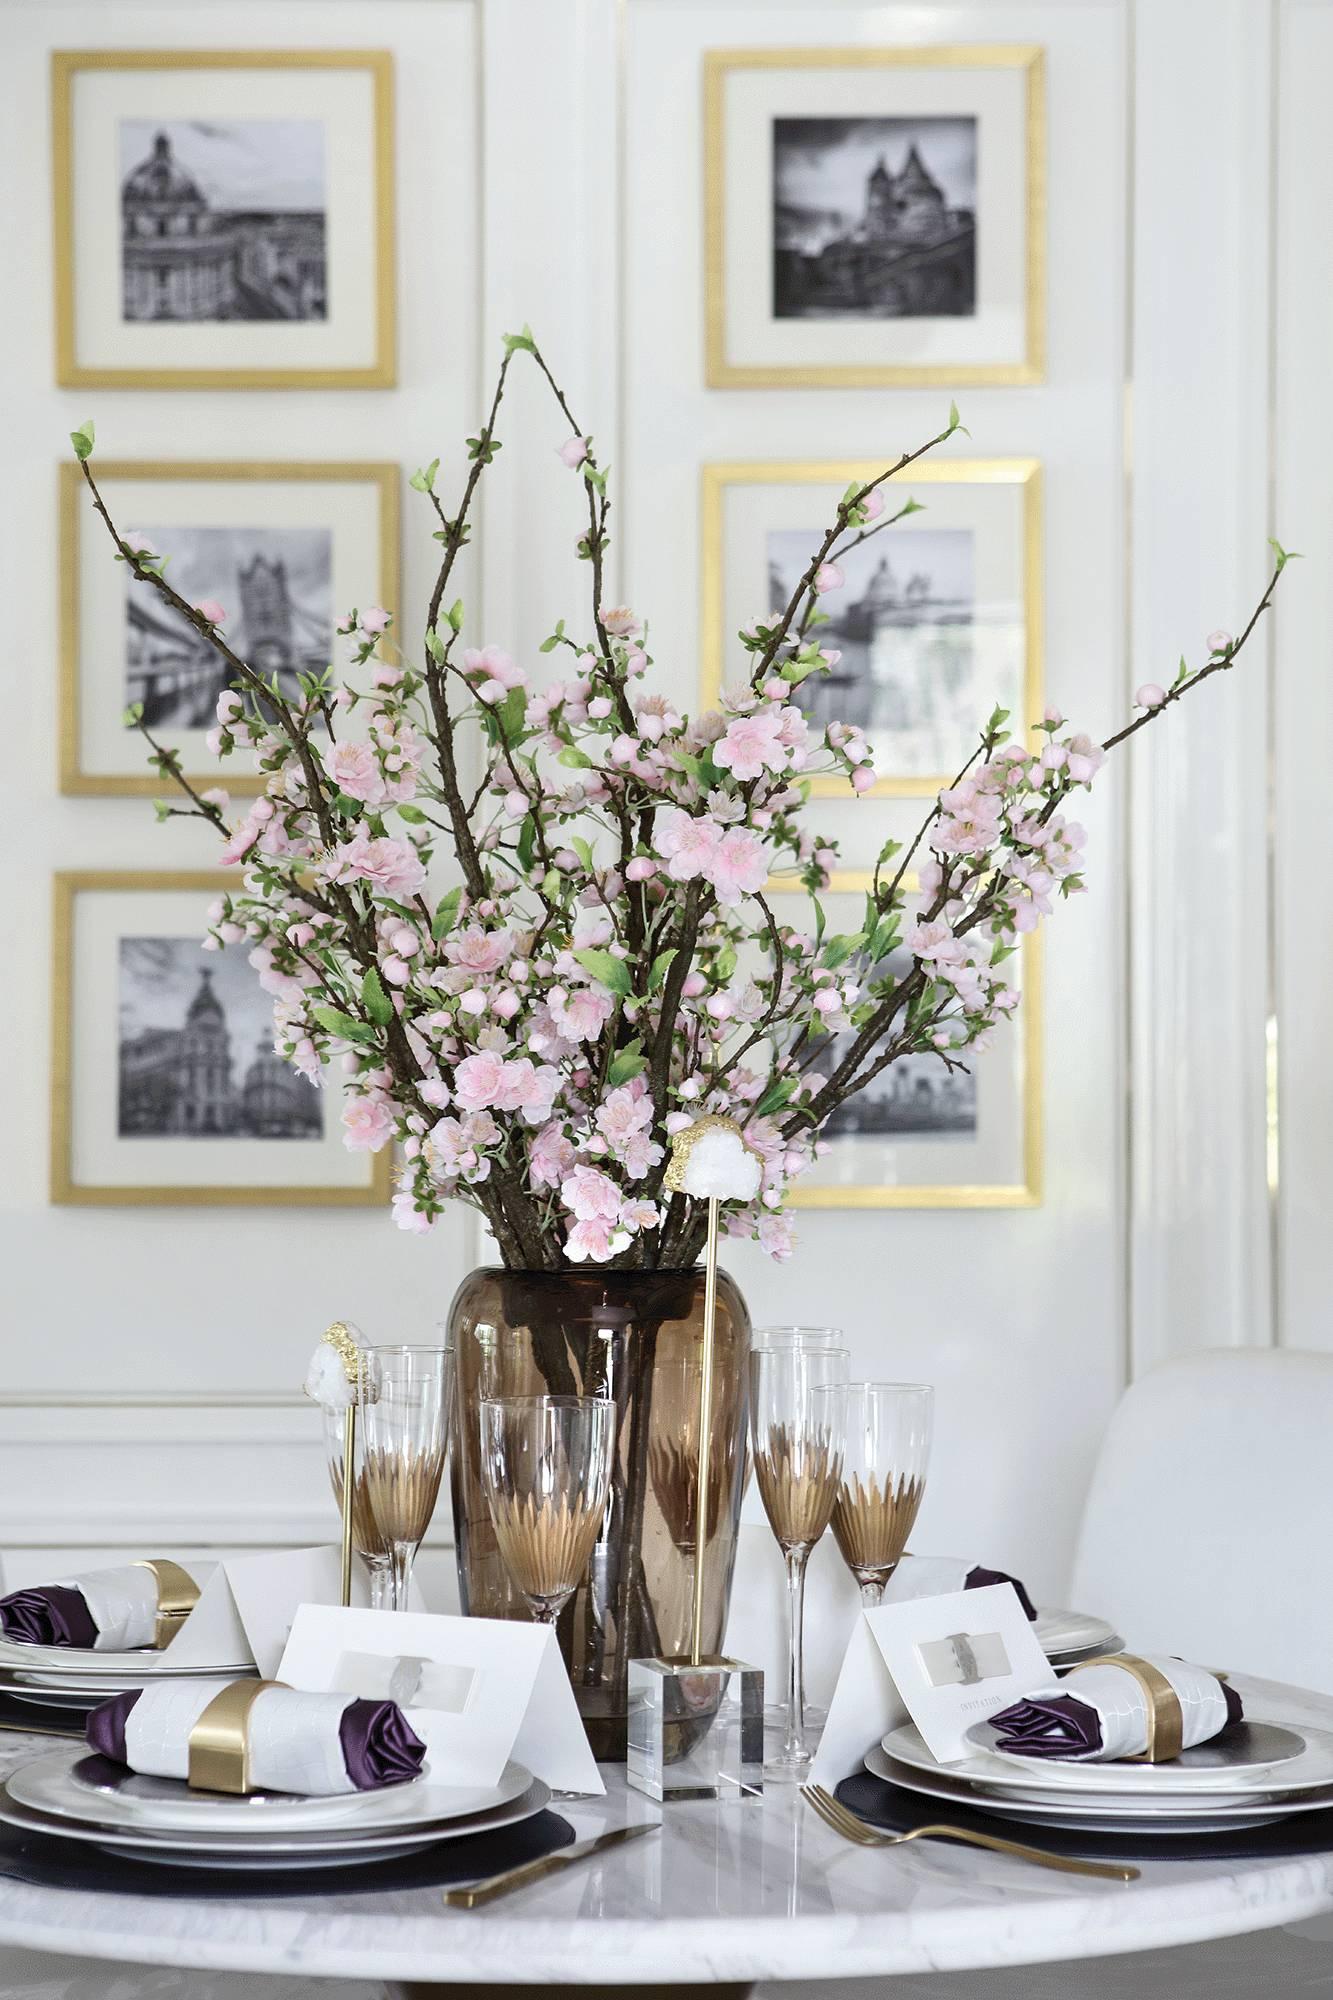 法式优雅轻奢风装修餐桌花饰小景